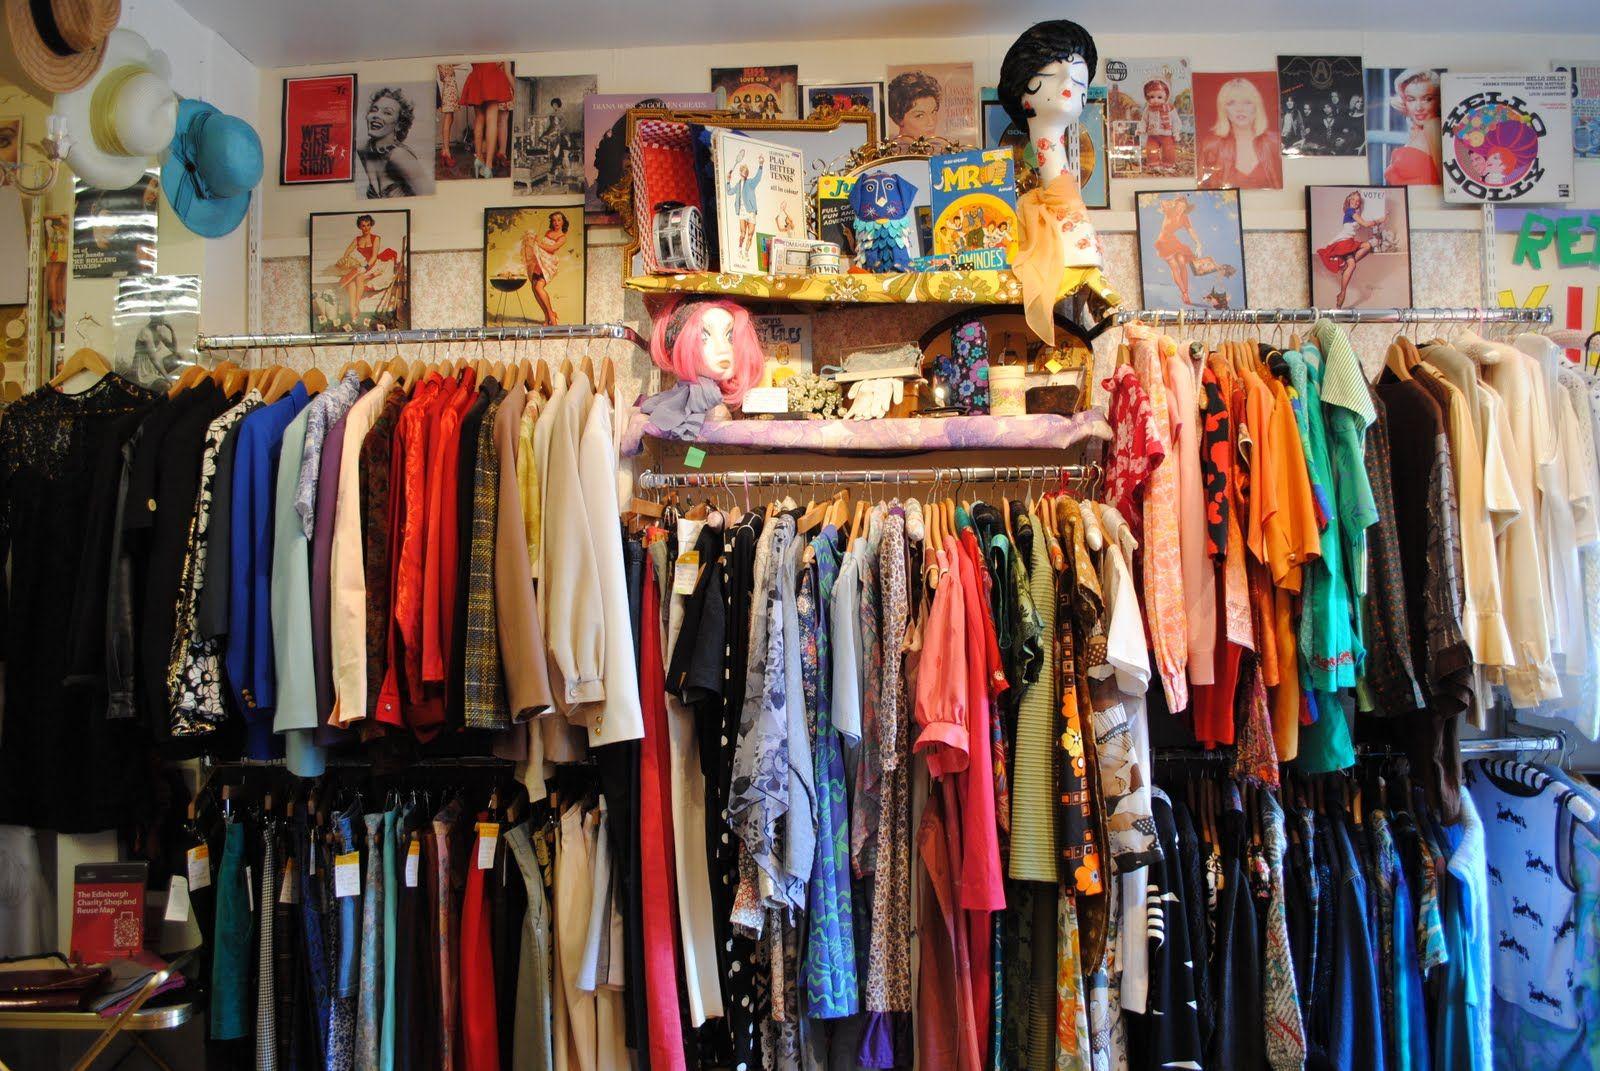 Glebe Markets Around Glebe Shopping In Sydney Shopping Clothes Market Shopping